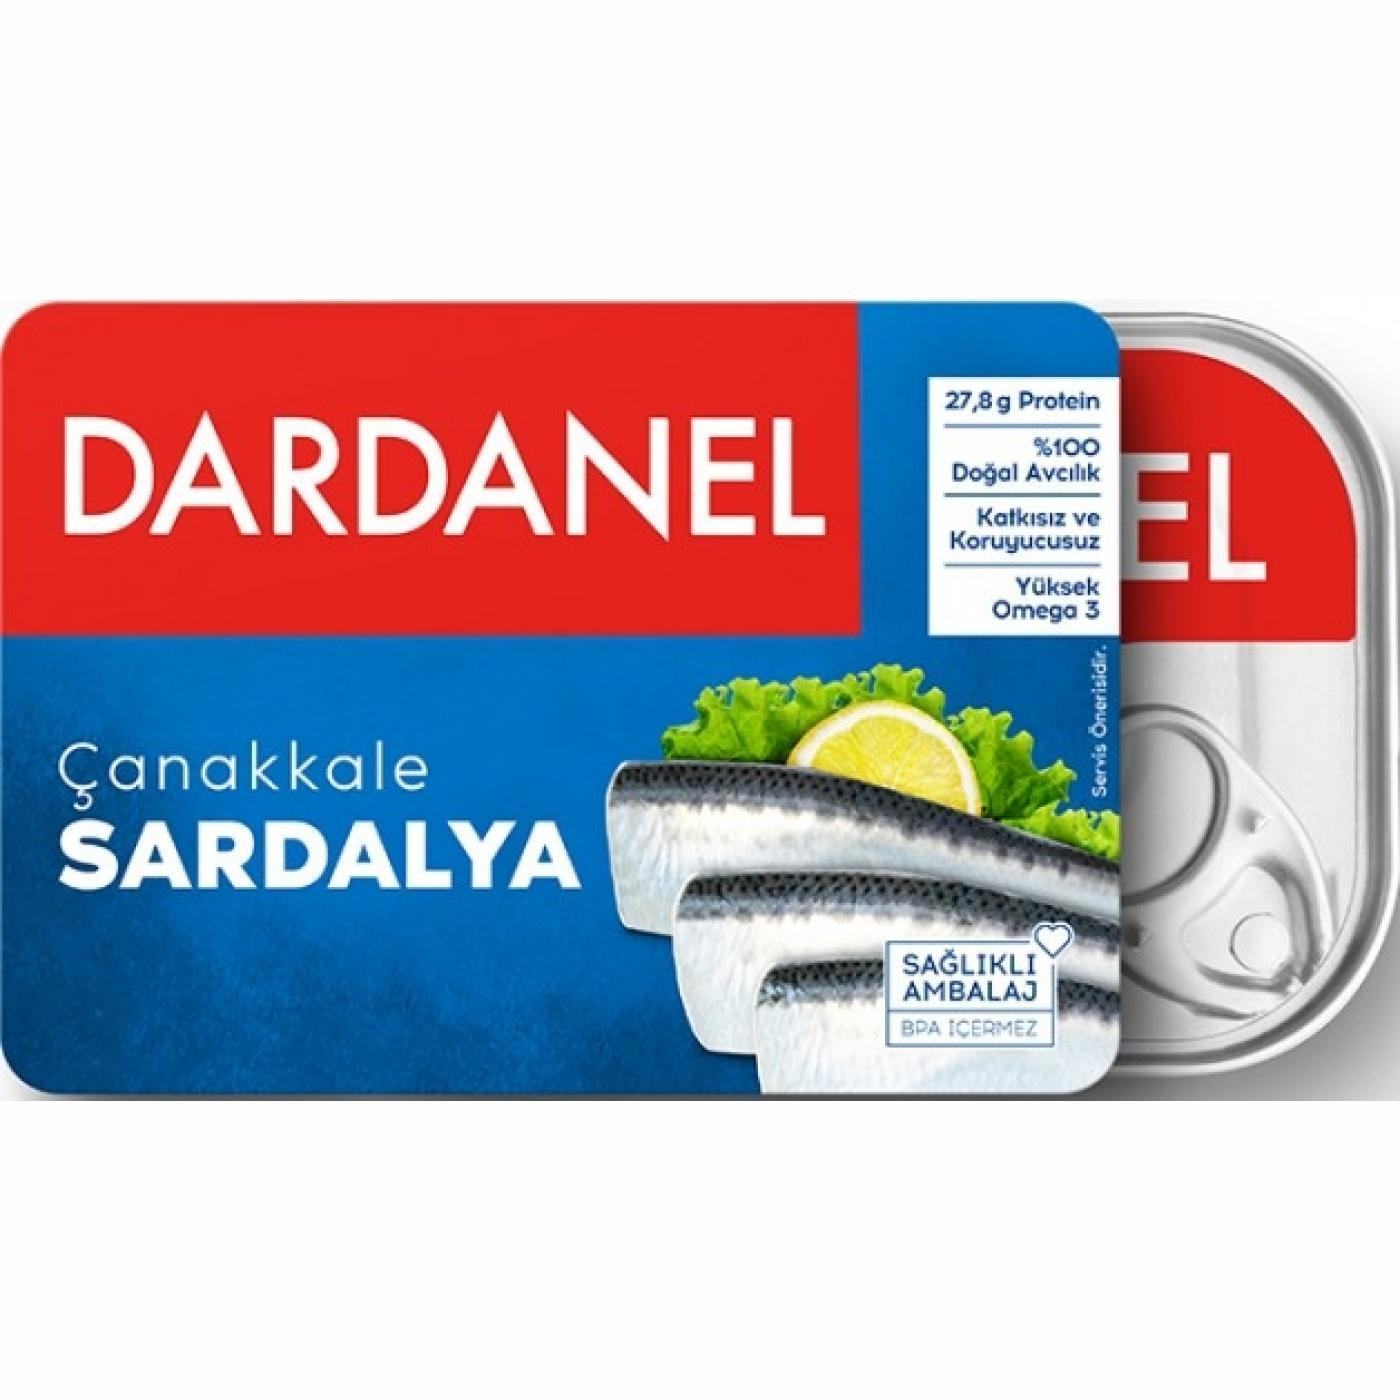 DARDANEL 100GR SARDALYA